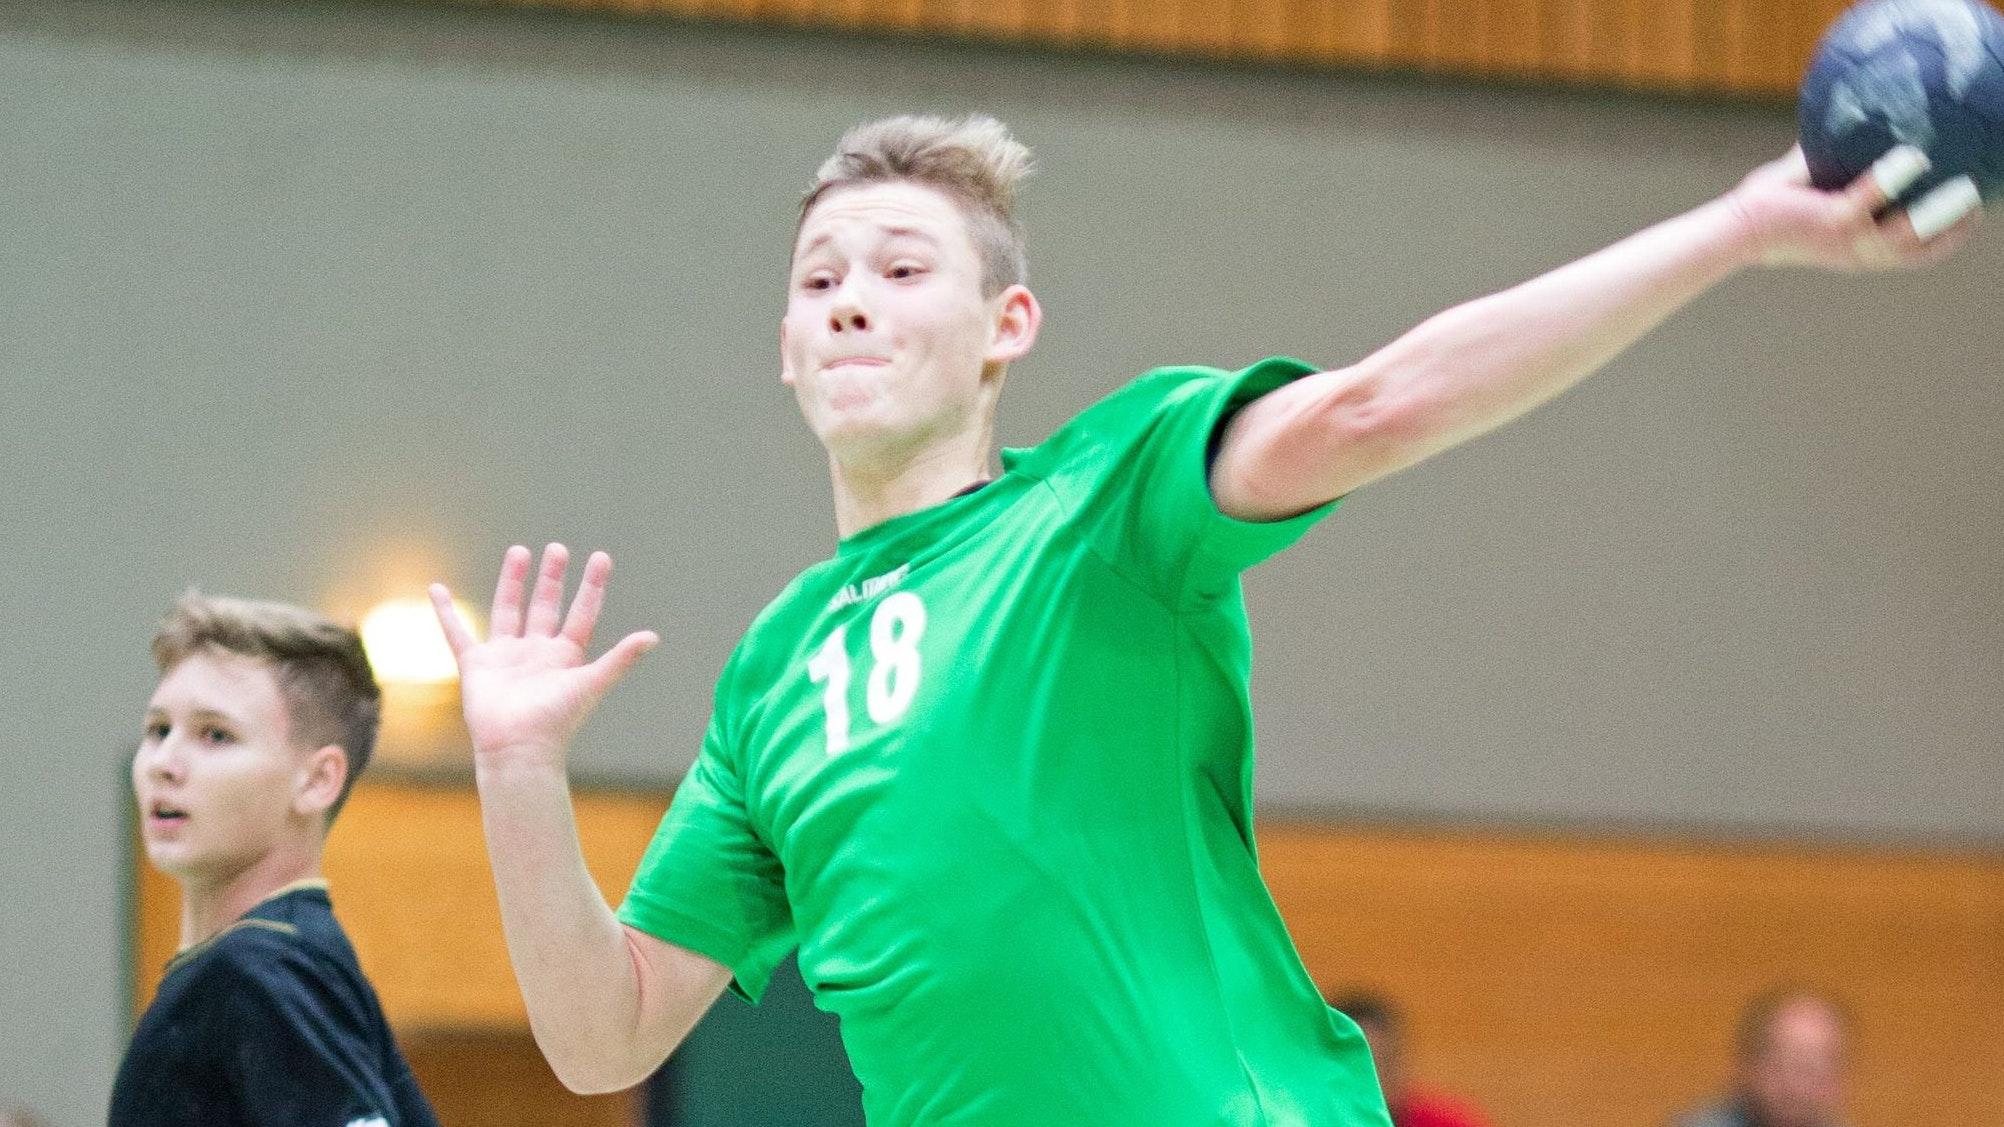 Er ist jetzt Jugend-Nationalspieler: Theo Teuteberg aus Lohne. Foto: Marx